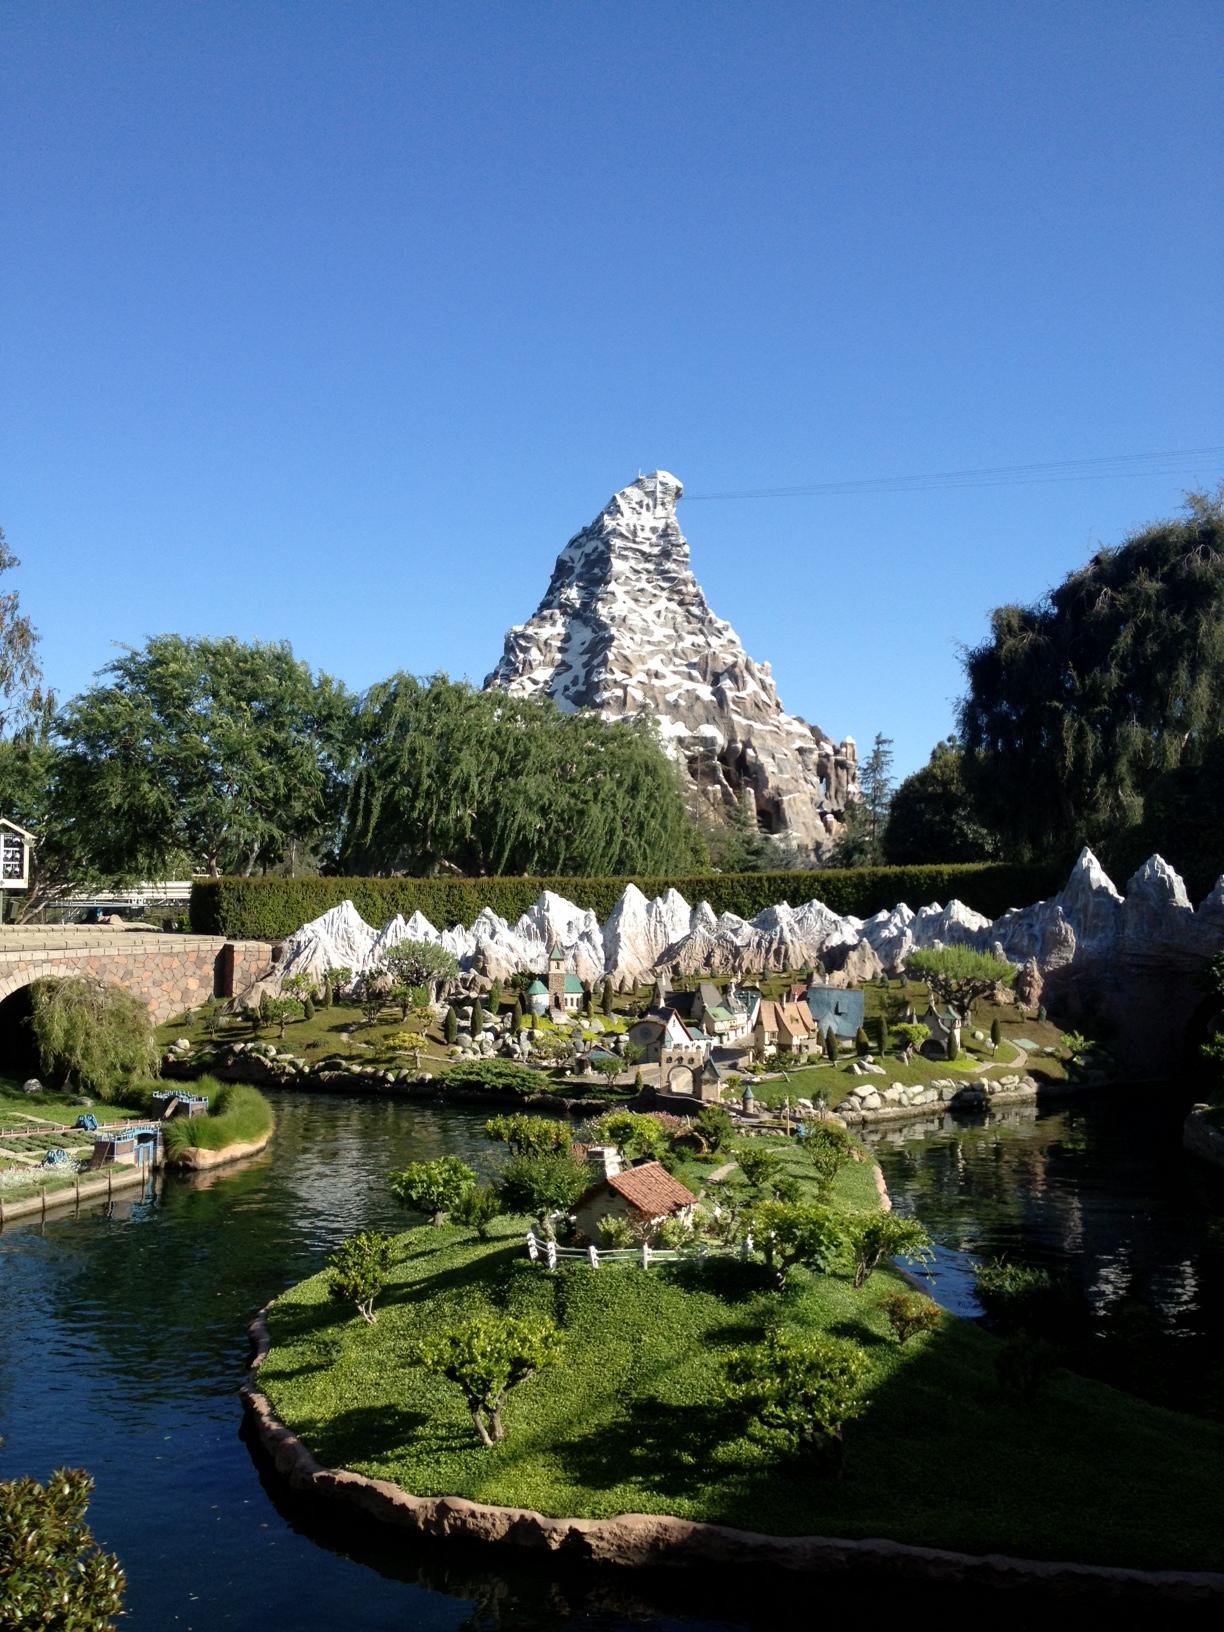 Storybookland and Matterhorn